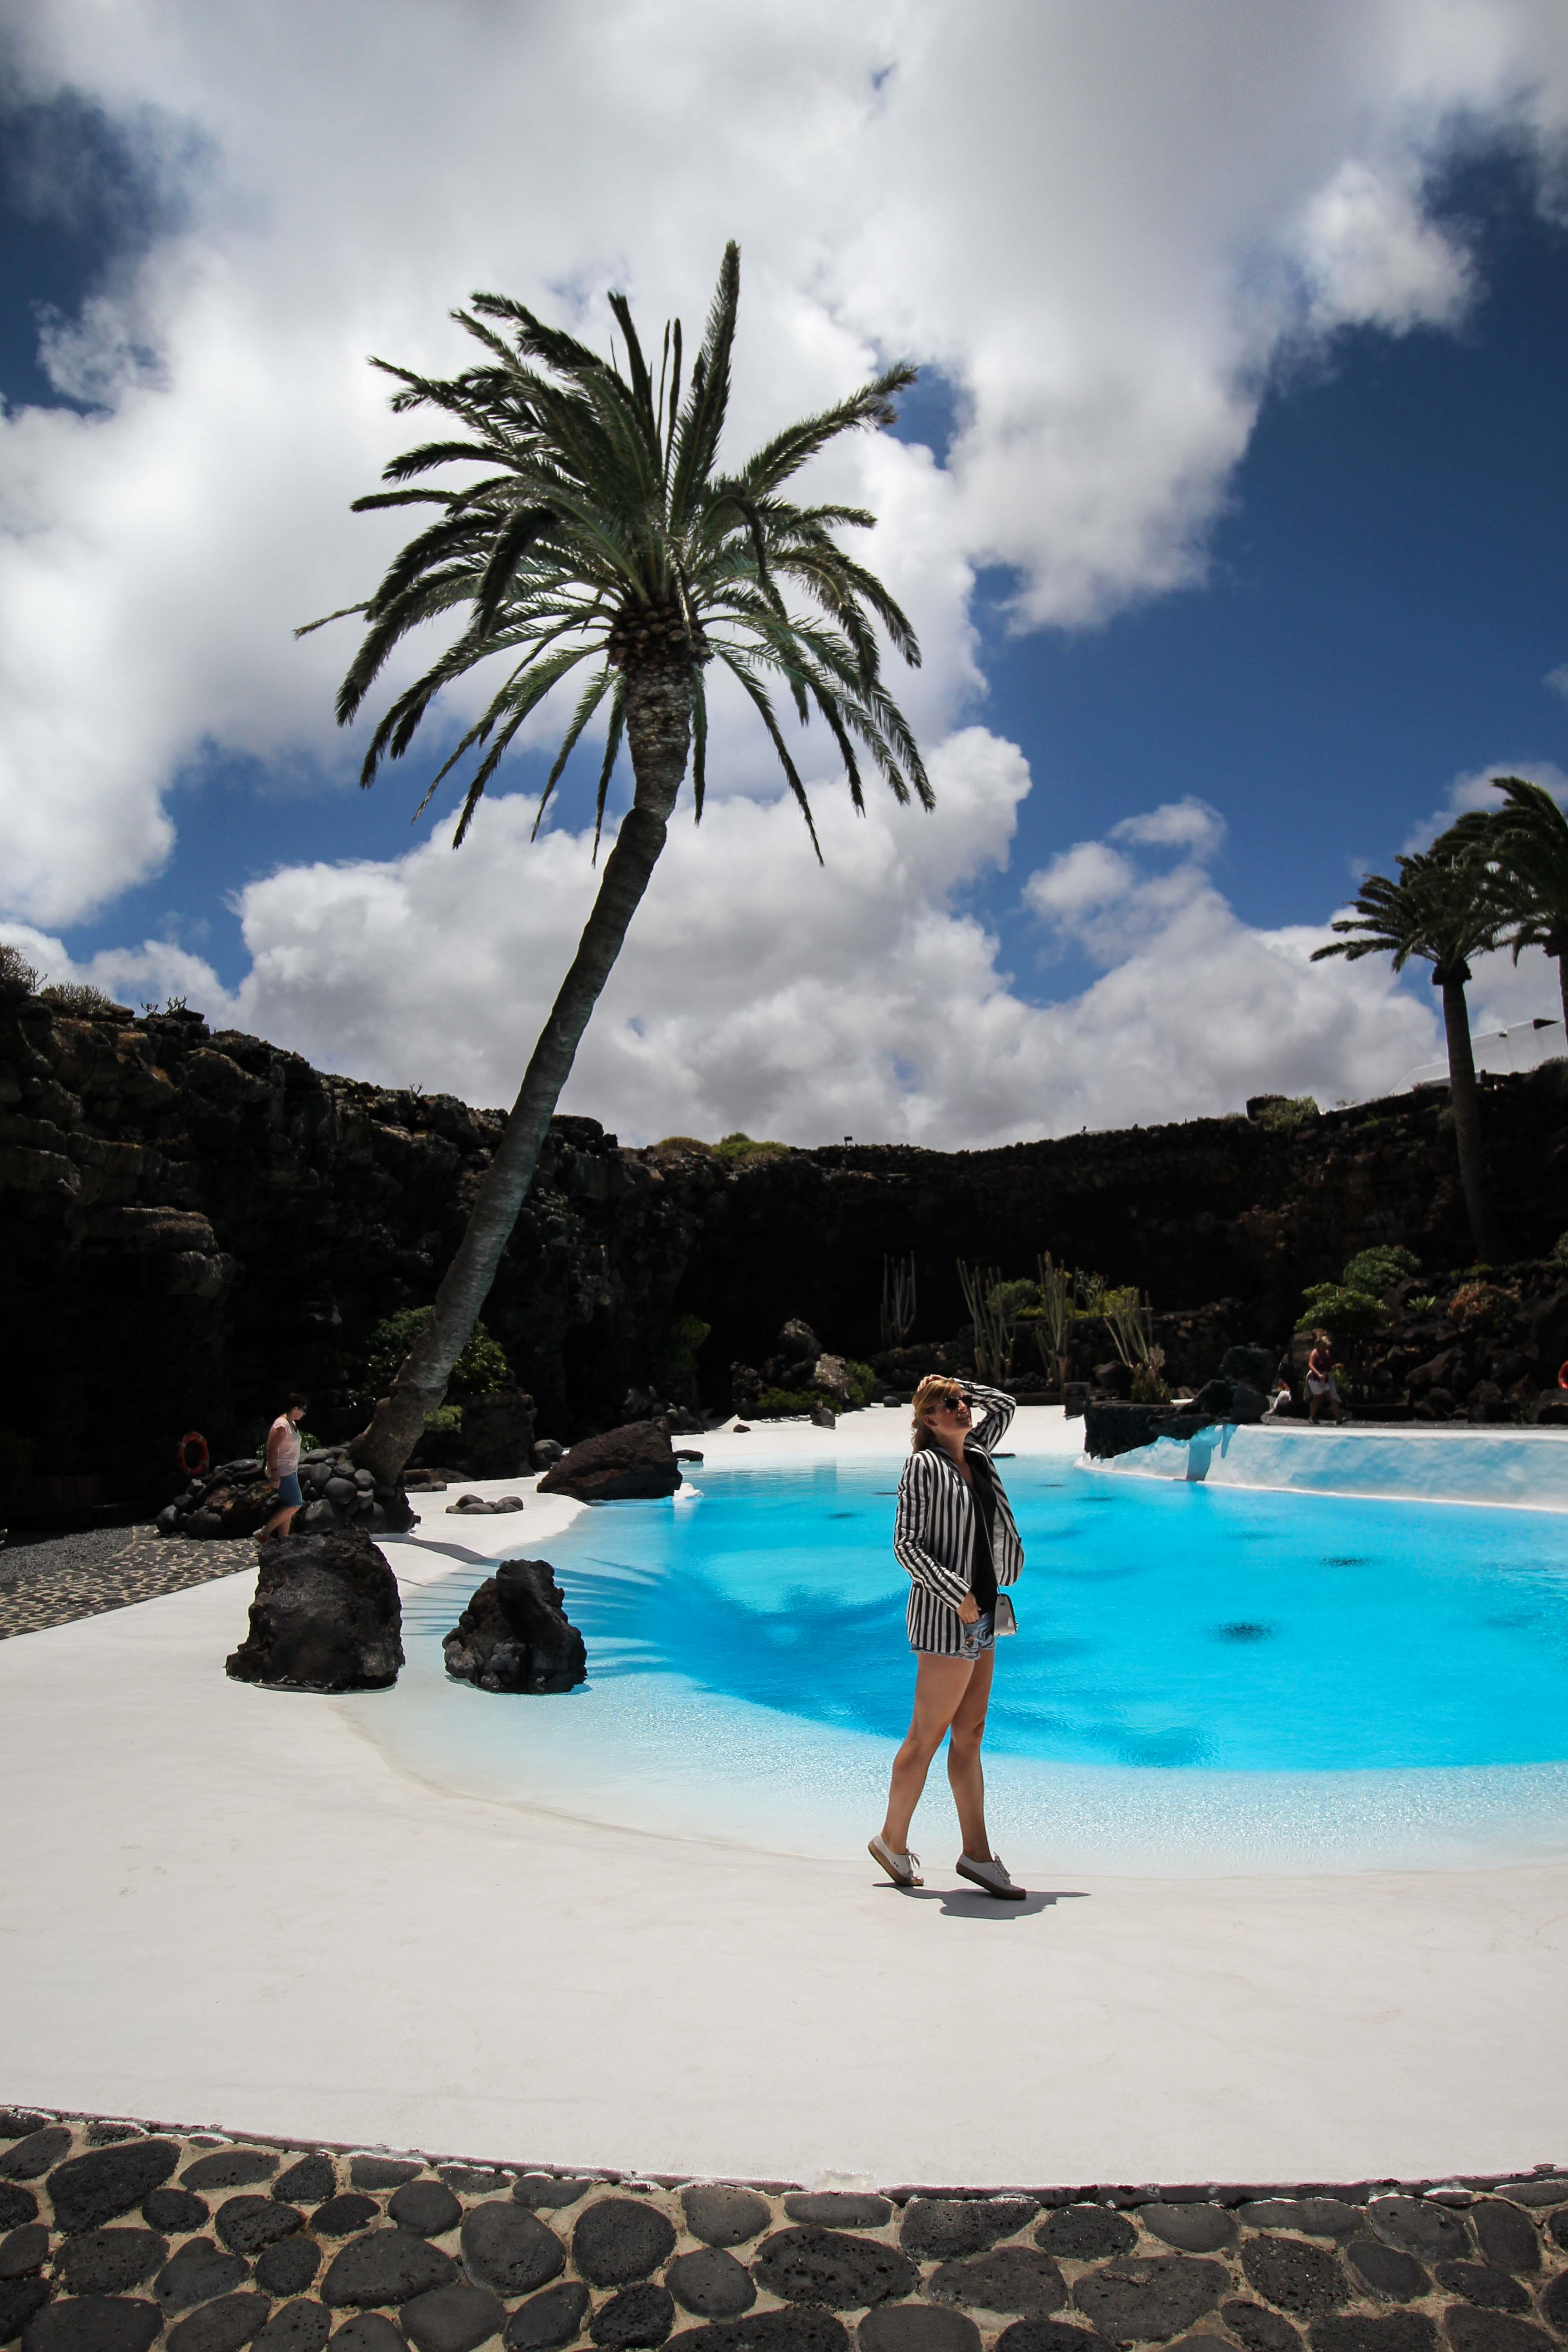 Top 10 Tipps Lanzarote Sehenswürdigkeiten Insider Tipps Lanzarote Spanien Jameos del Agua blauer See Brinisfashionbook Reiseblog